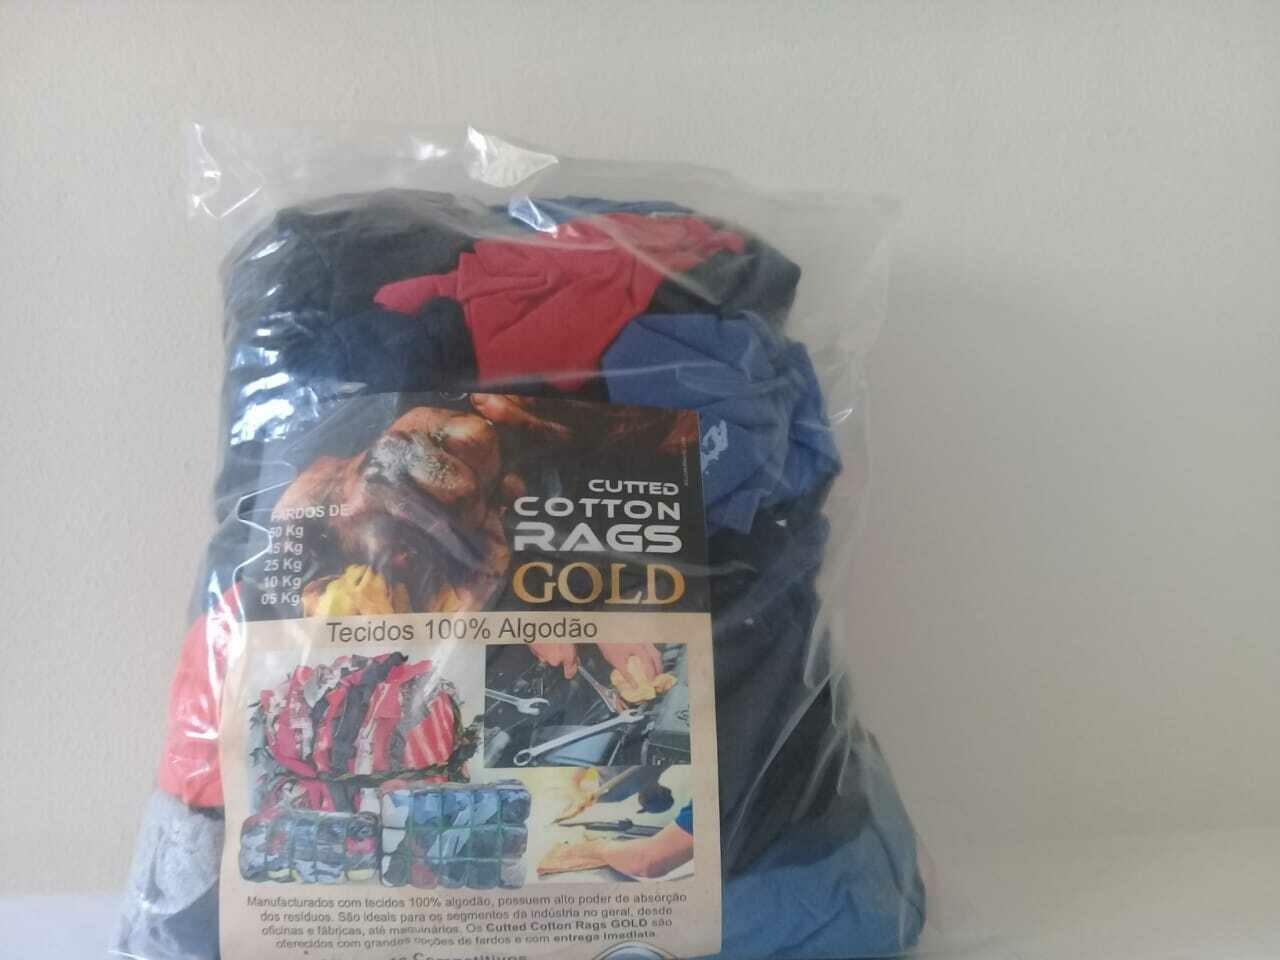 Cotton Rags Gold 1 kg